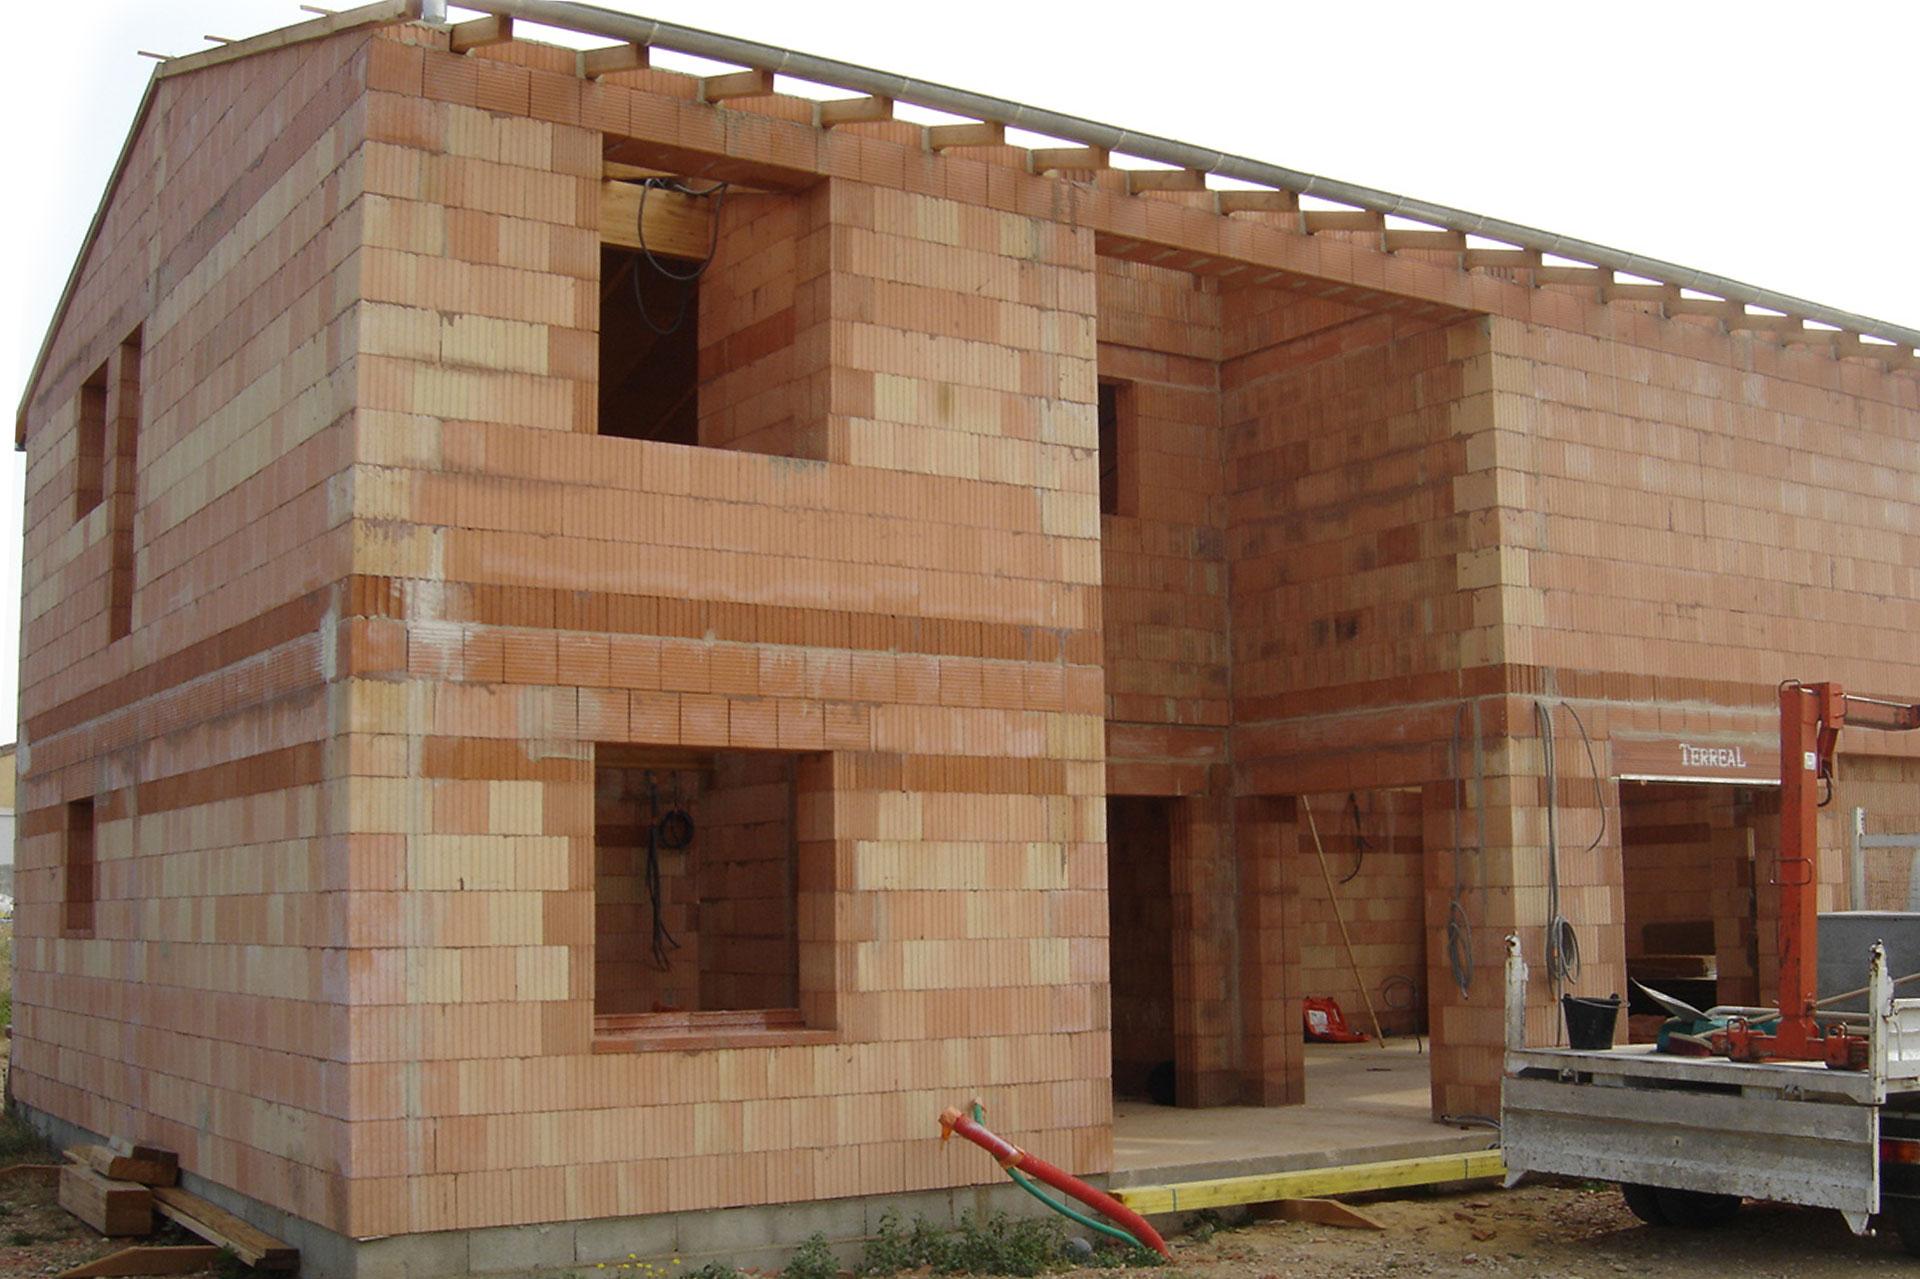 Construction d'une maison à Allex avec gros œuvre, maçonnerie de type brique mono mur et dallage béton.